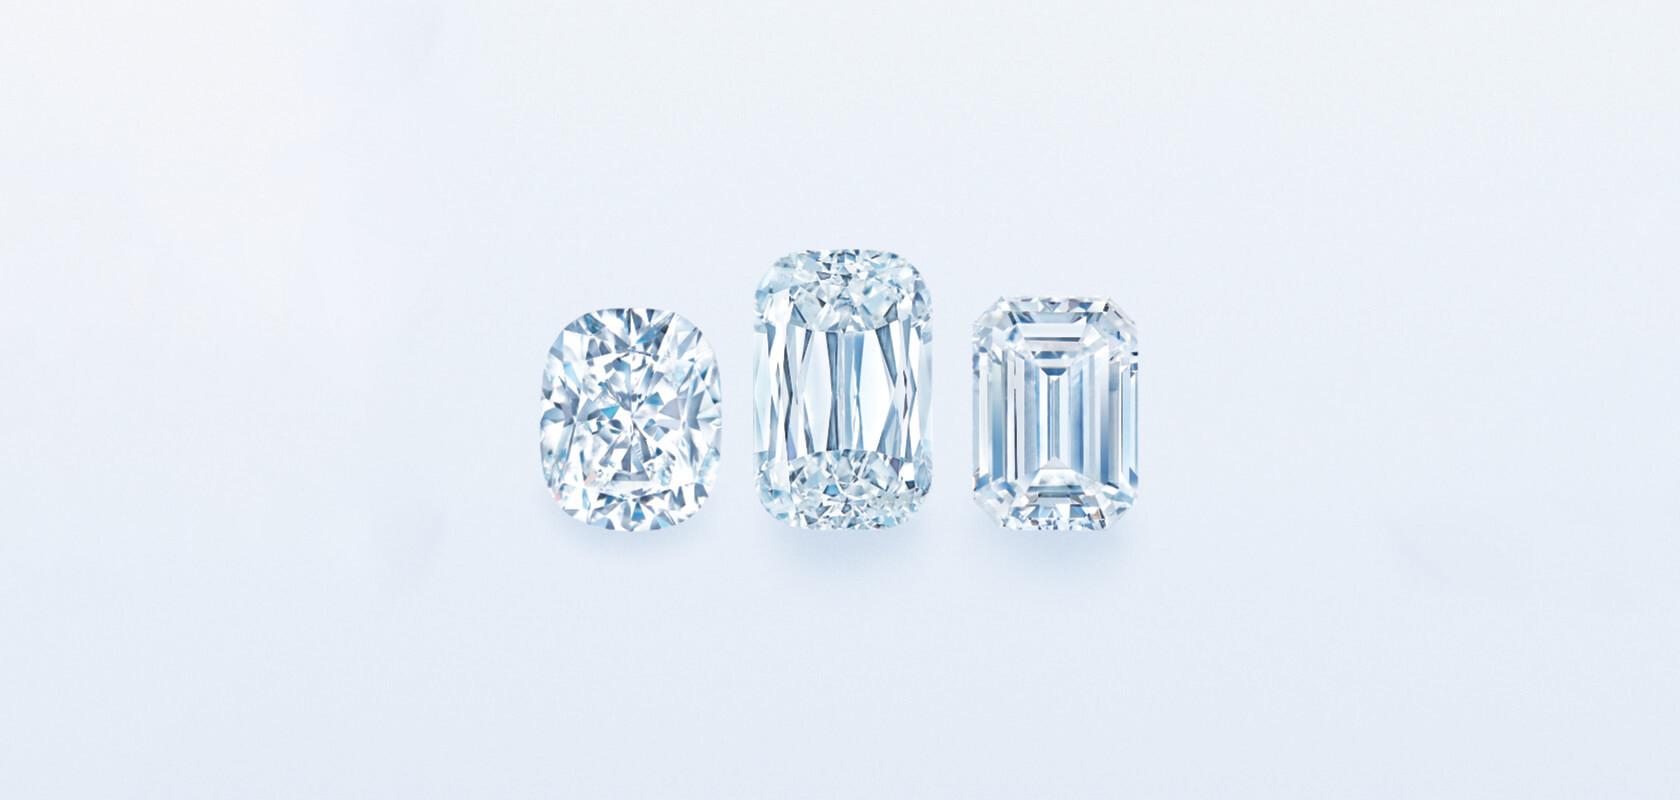 Diamond Education, Image of Diamond Clarity